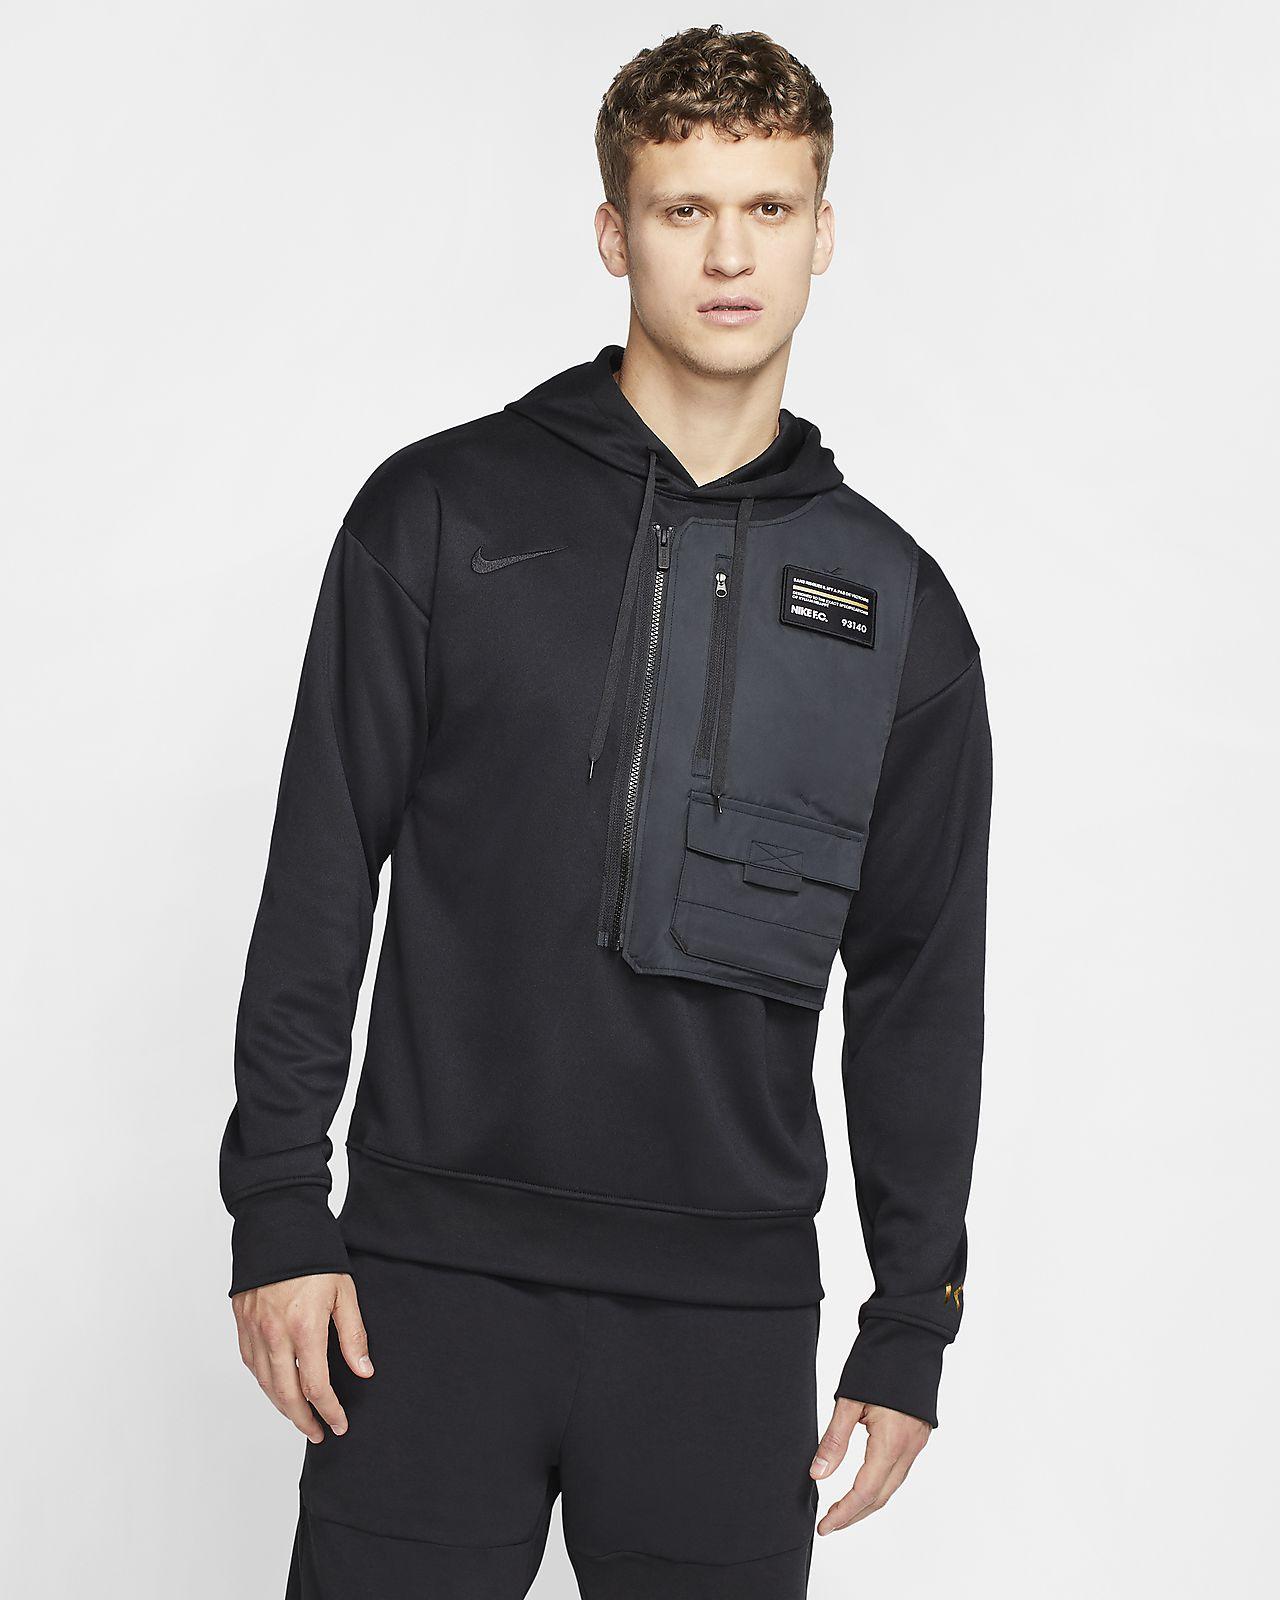 Pánská fotbalová mikina s kapucí Nike Dri-FIT Bondy